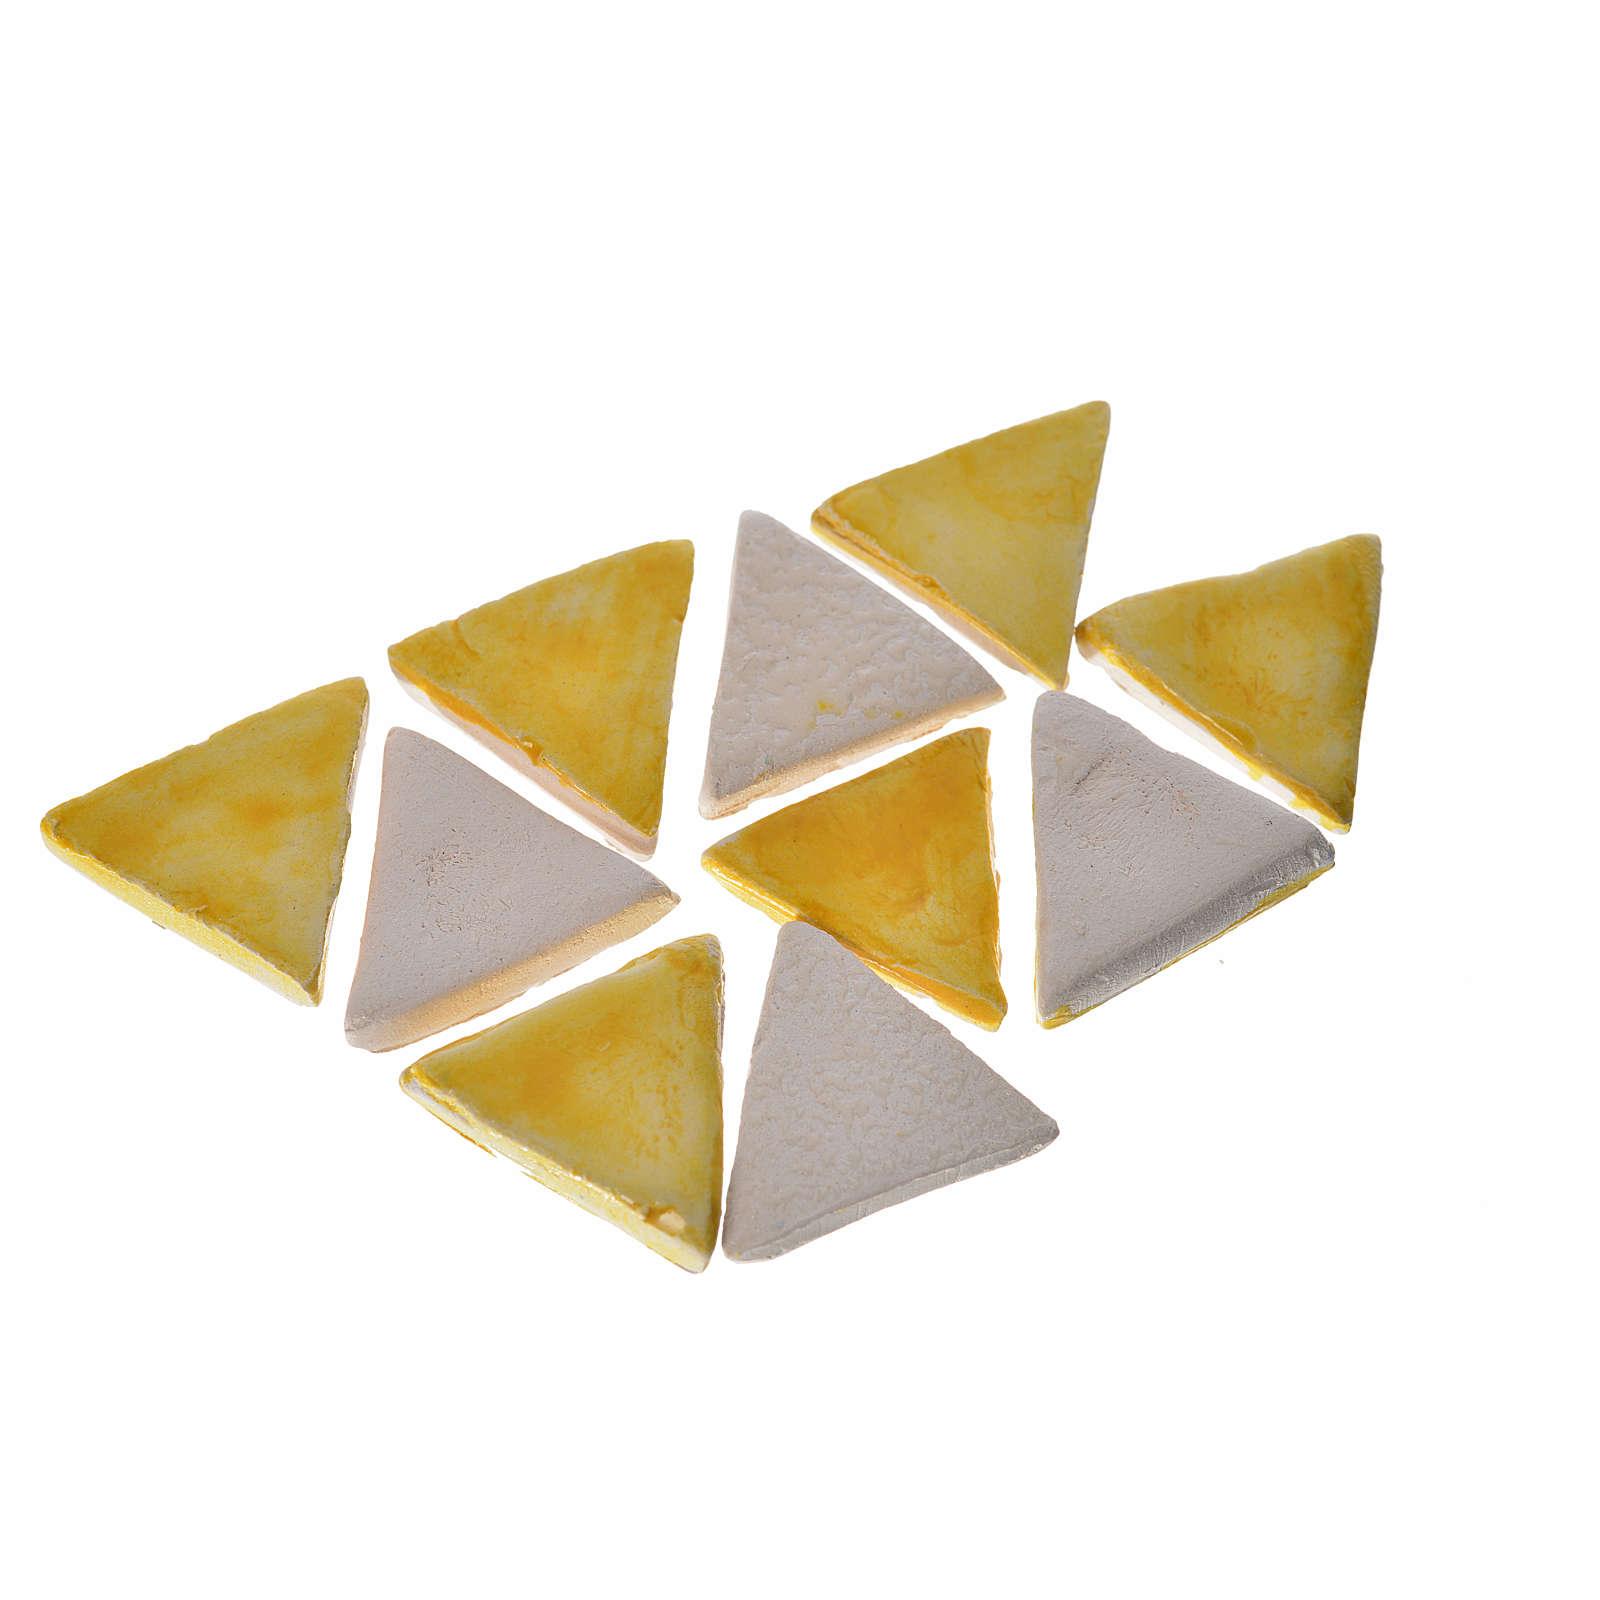 Mattonelle terracotta smaltate 60 pz triangolare giallo per pres 4